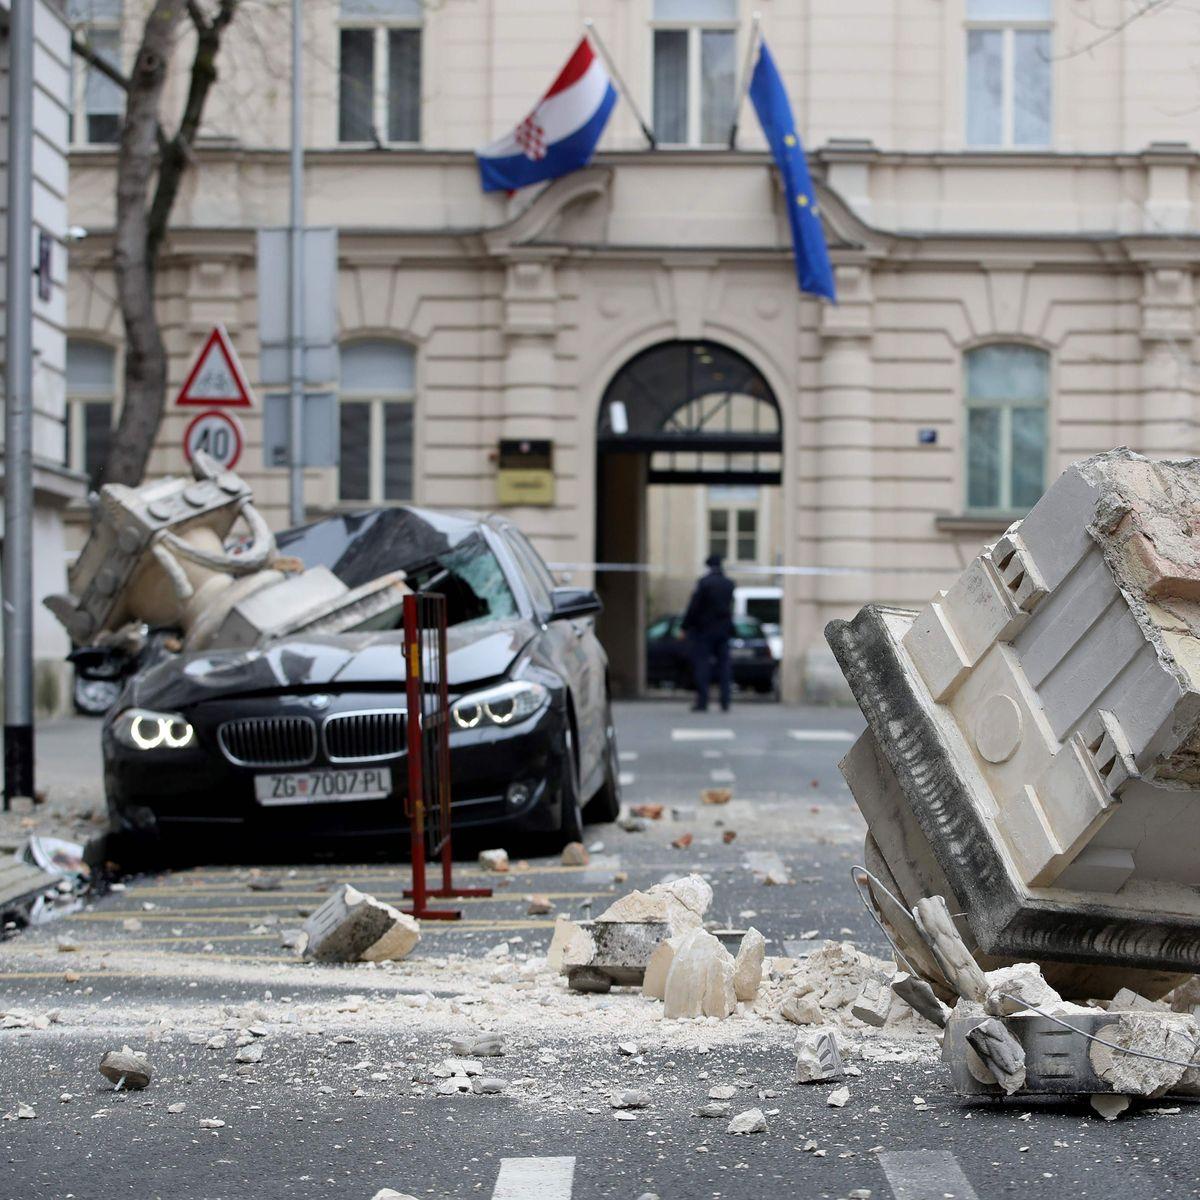 Erdbeben In Kroatien - T1srumjrulxvwm : Die erstöße waren ...